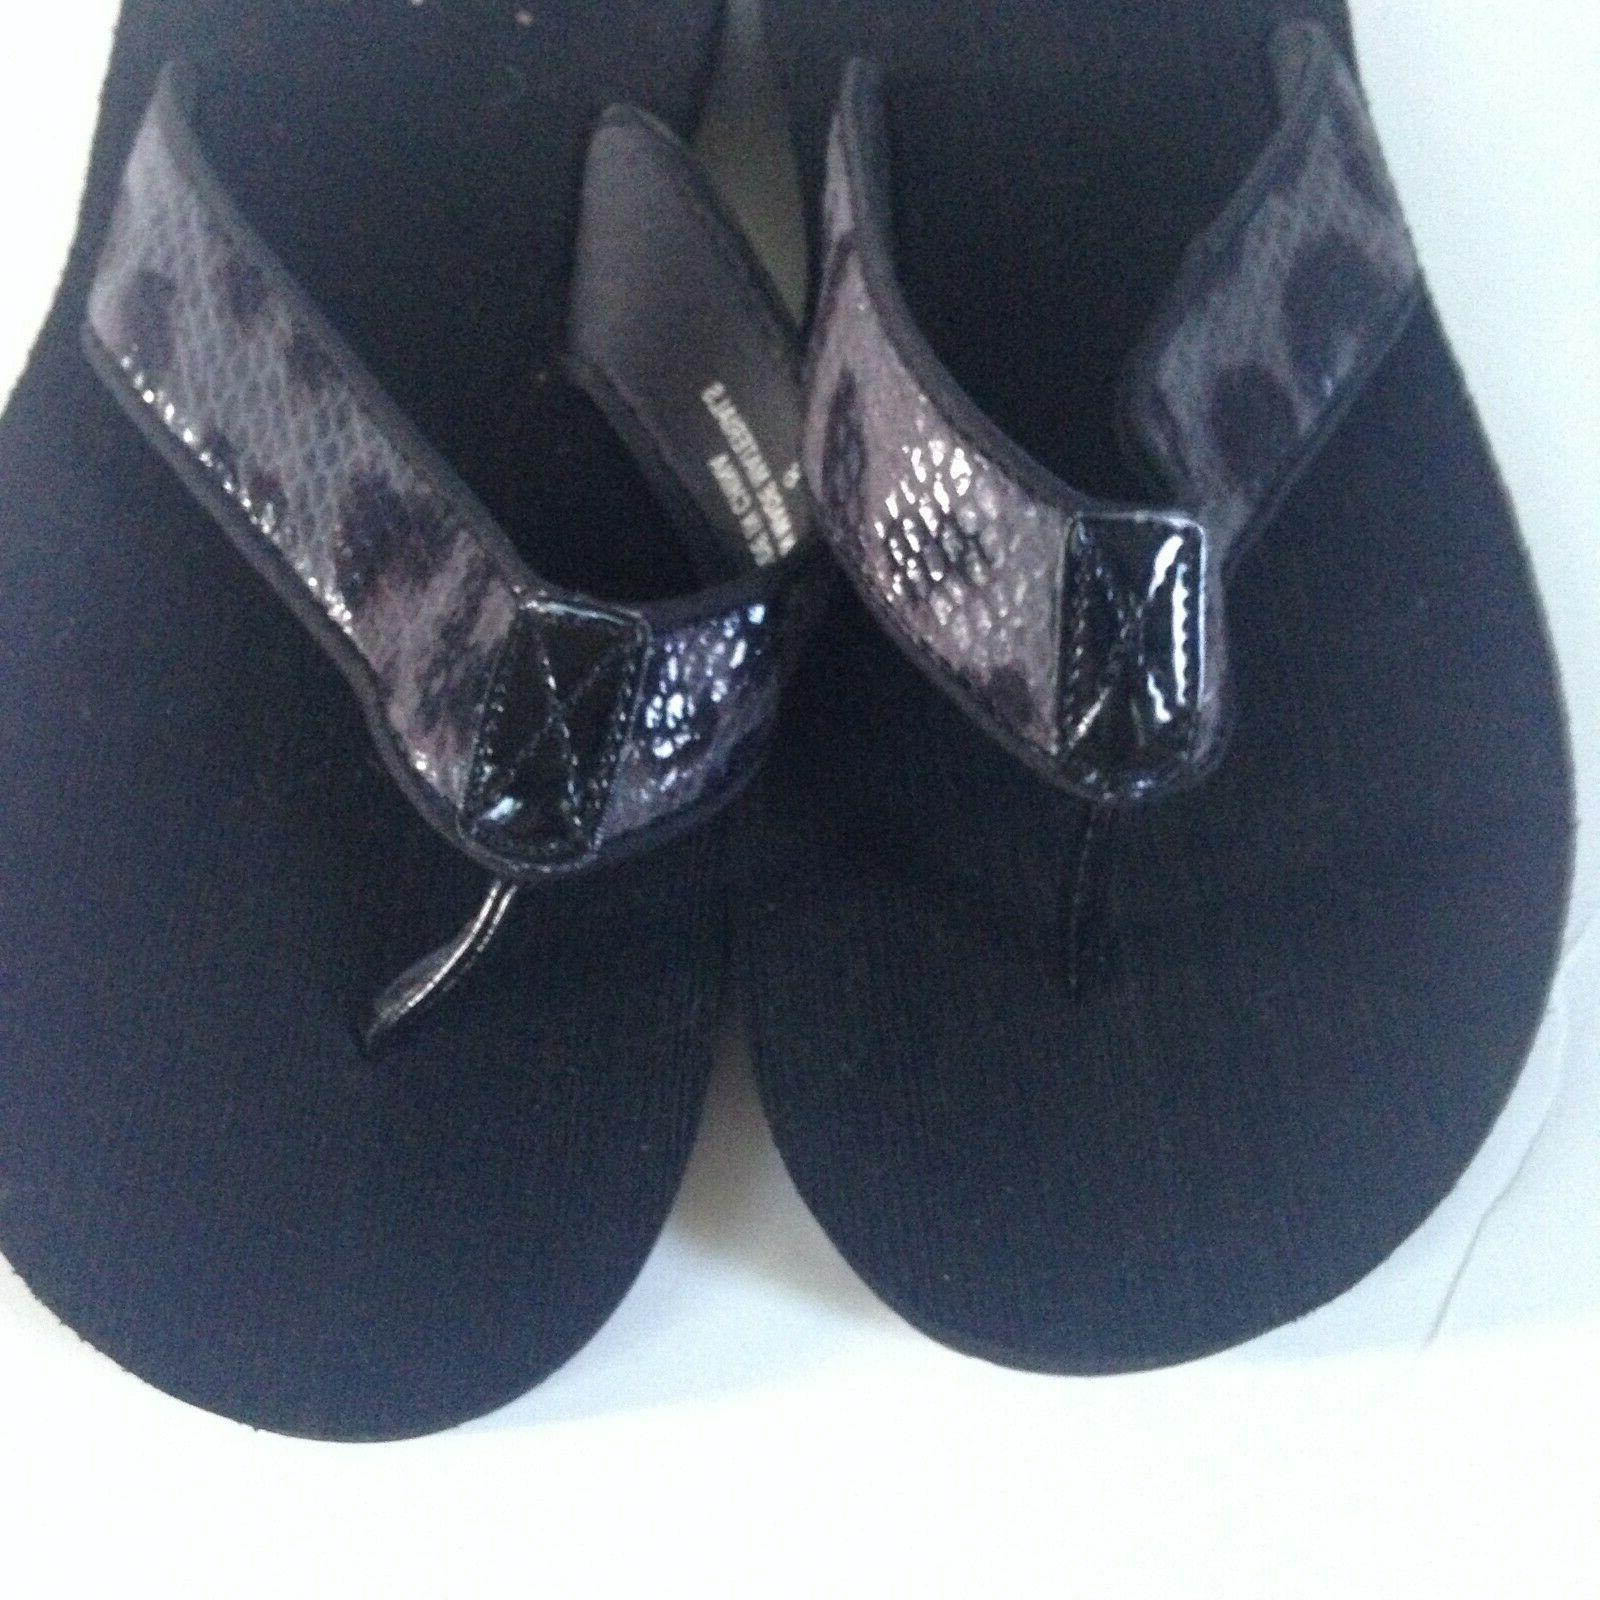 NEW! Speedo Women's Size 8 Gray Black Snakeskin Rubber